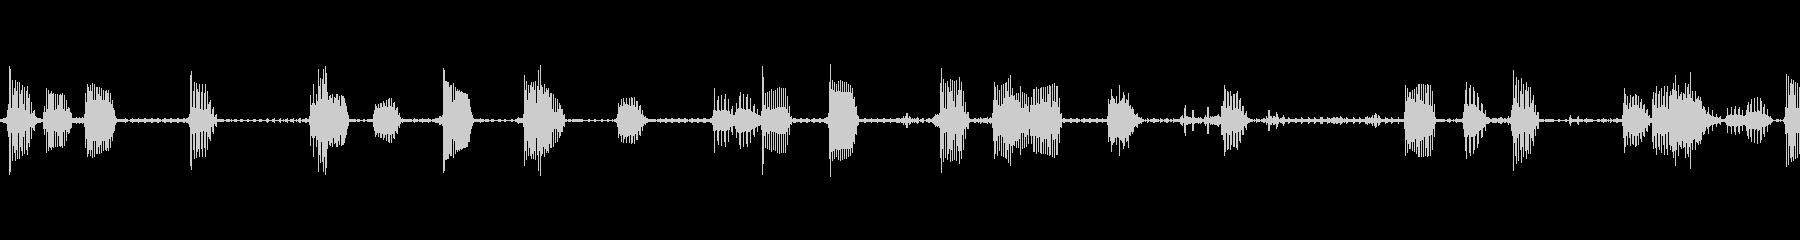 ビープ音11の未再生の波形